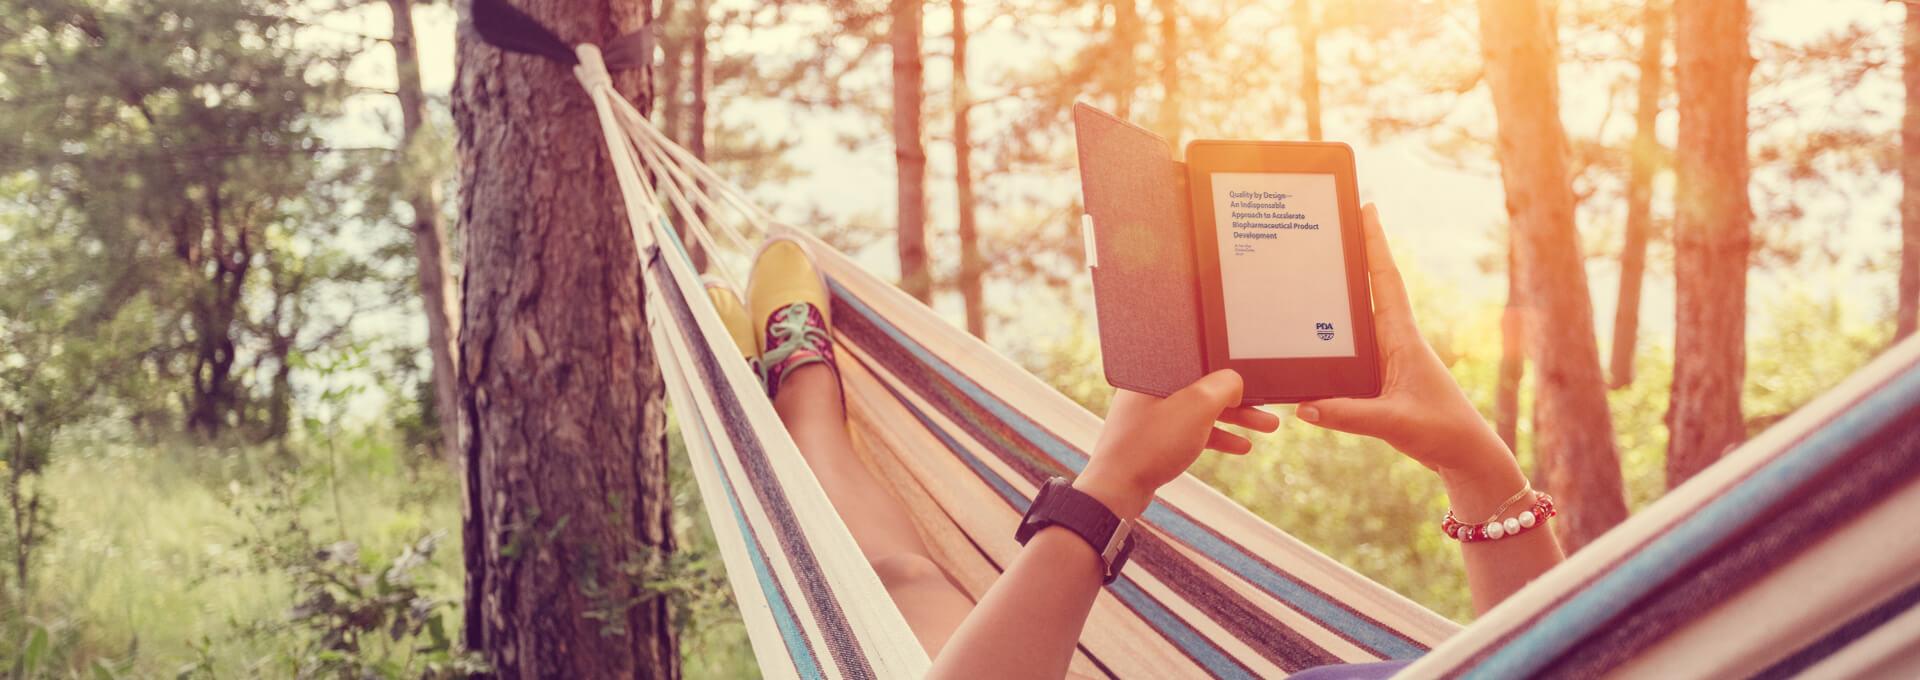 PDA Summer Reading 2021